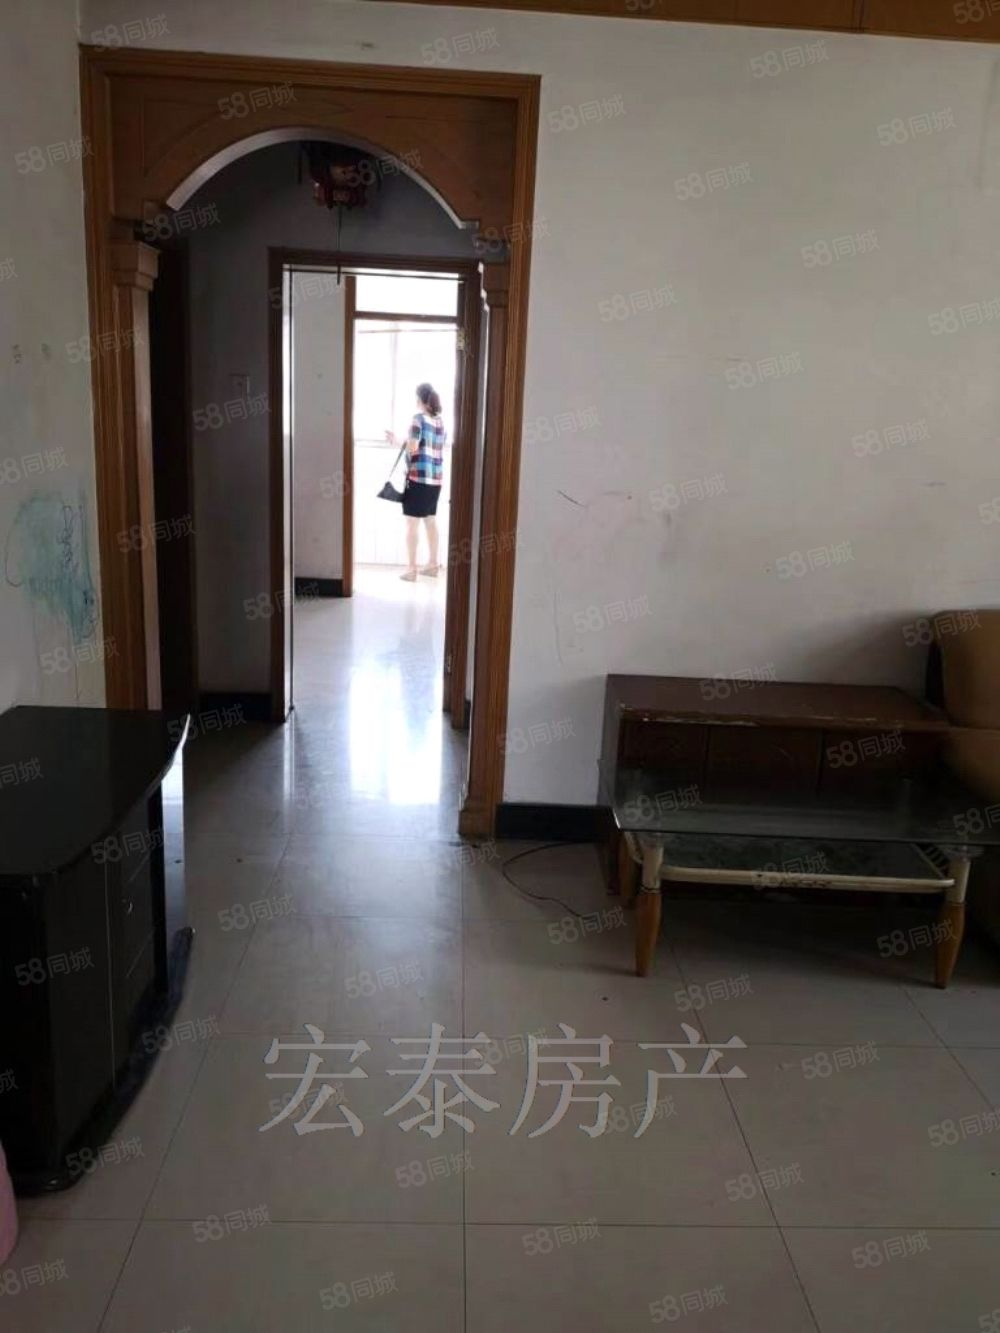 鼓樓四期西邊戶精裝3室上沛初中老證可分期